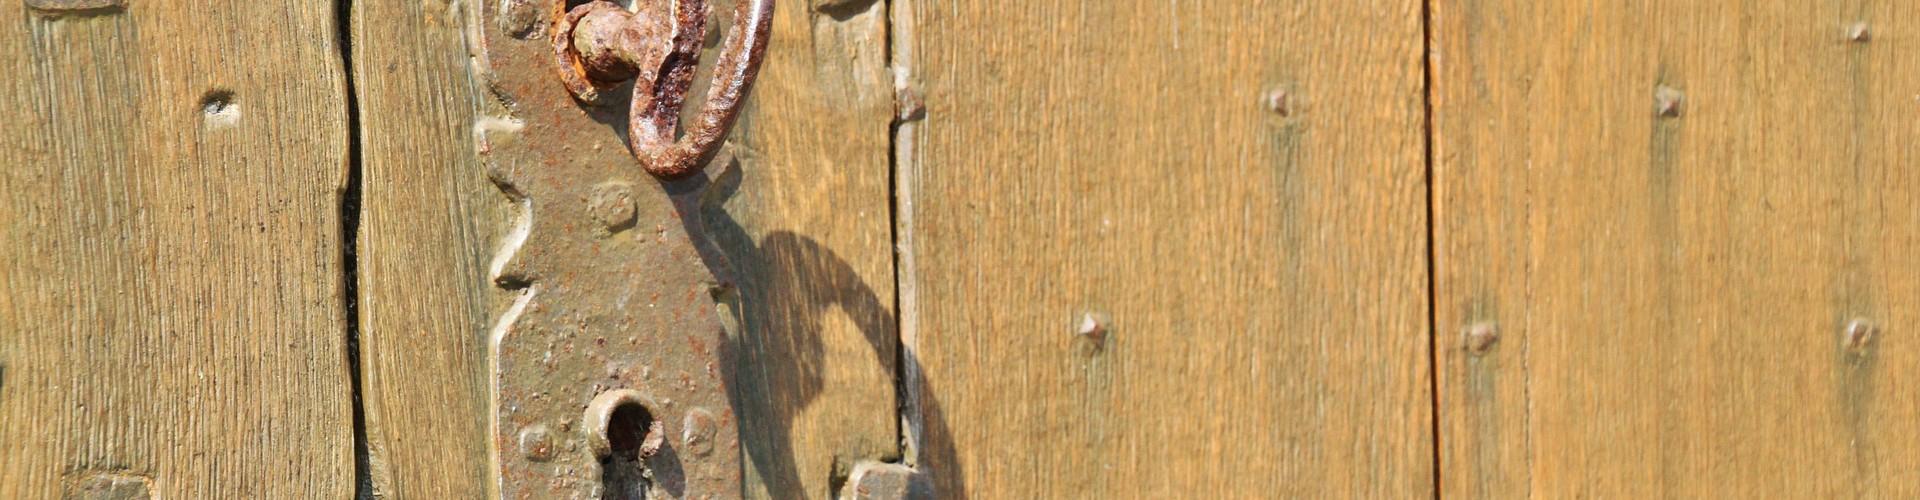 old doorlock with key